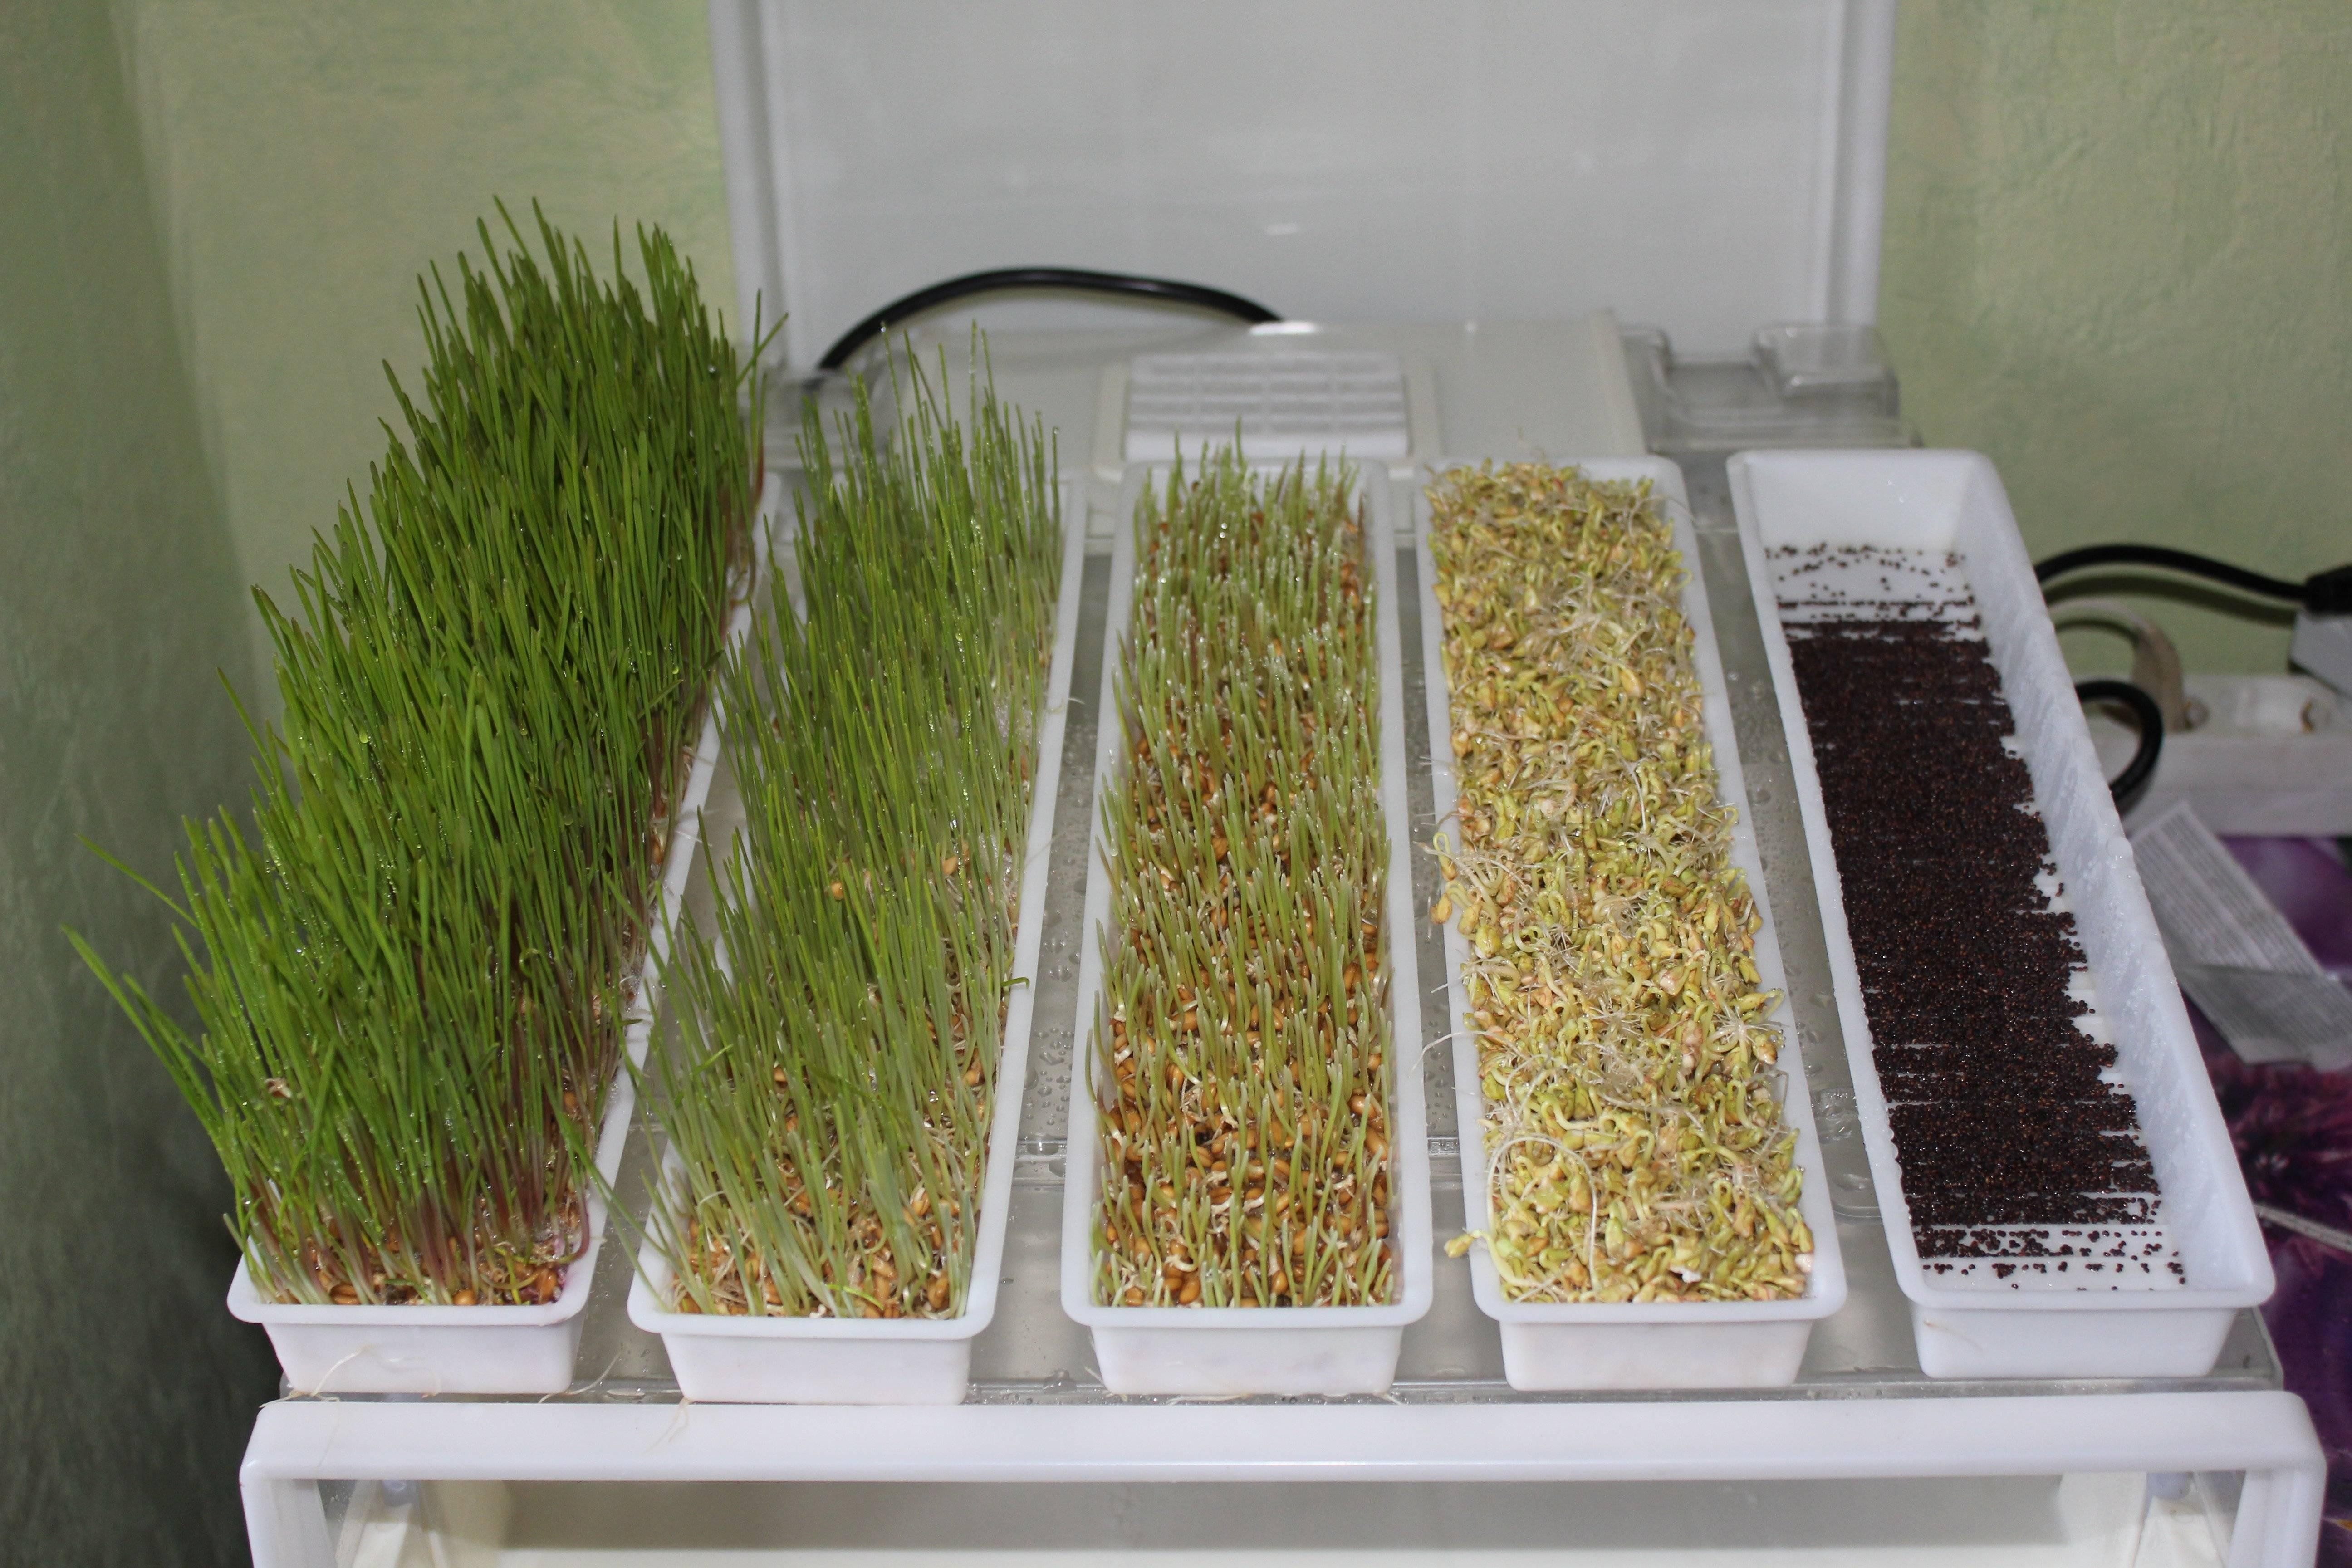 Как прорастить пшеницу для еды правильно в домашних условиях